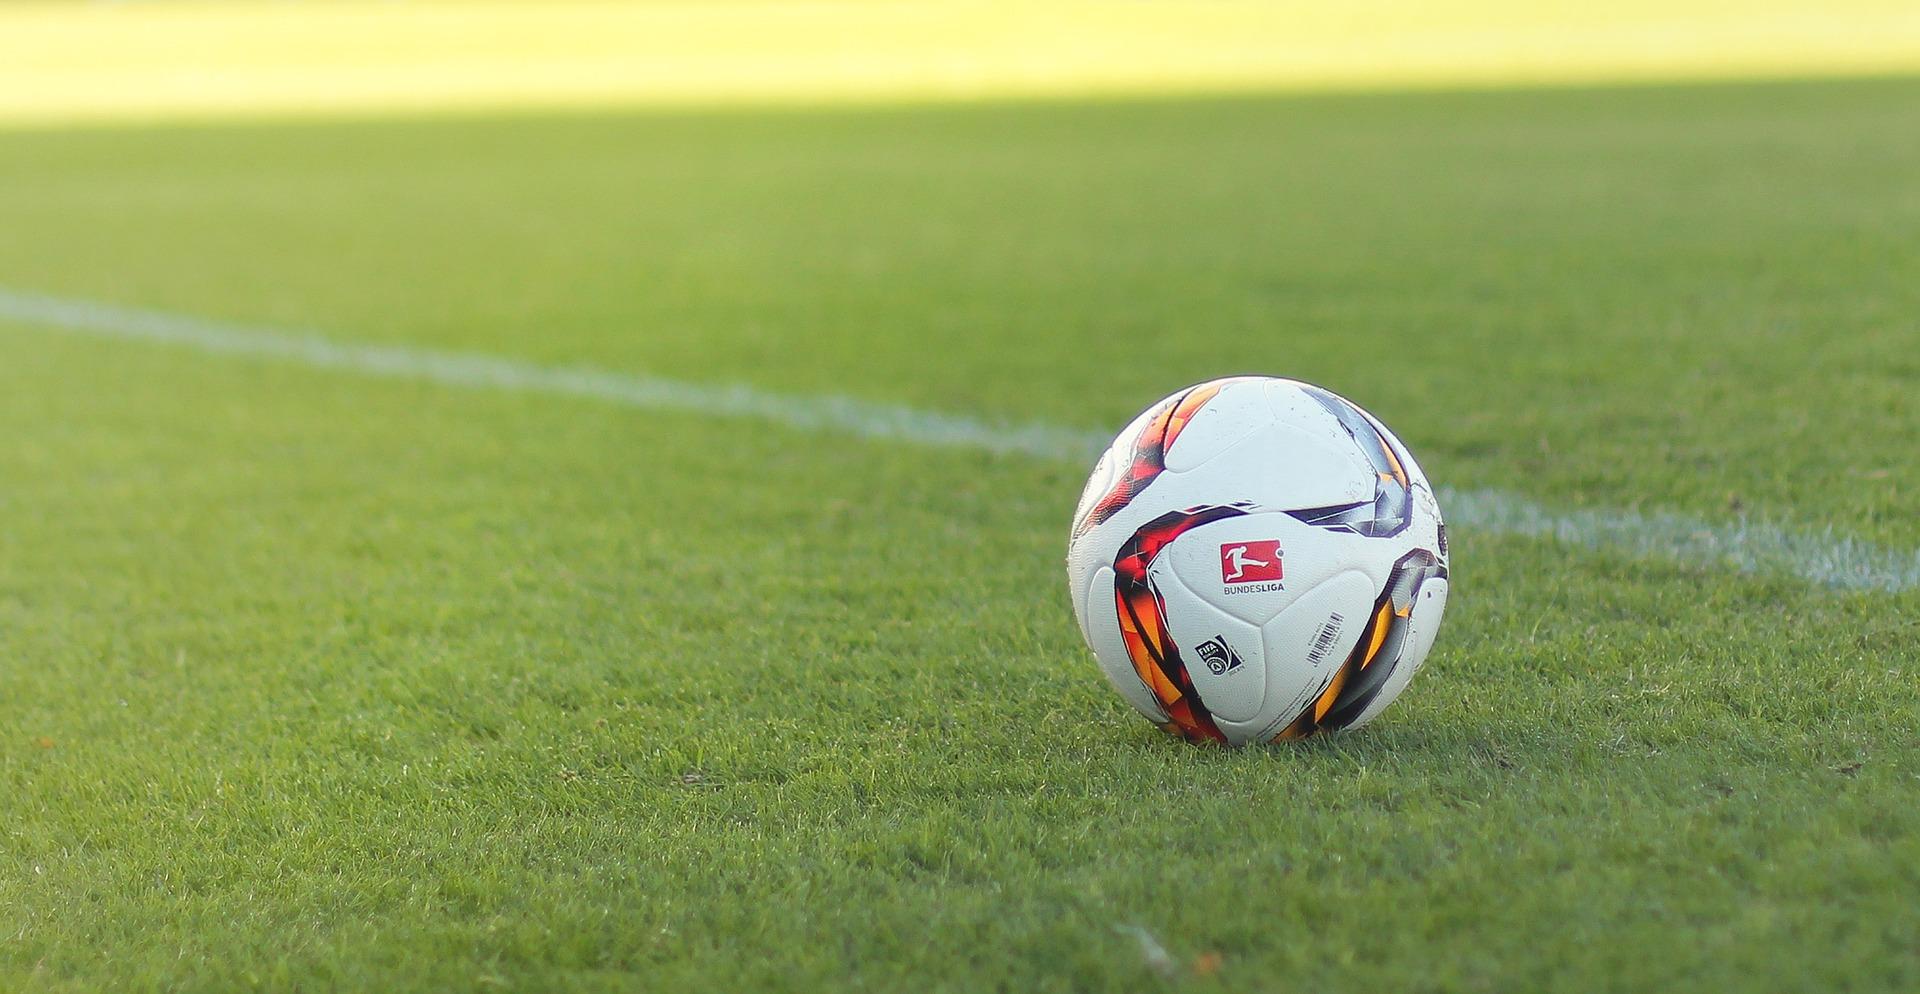 La Bundesliga se alía con AWS para ofrecer nuevas experiencias y contenidos a sus espectadores. - Clarcat